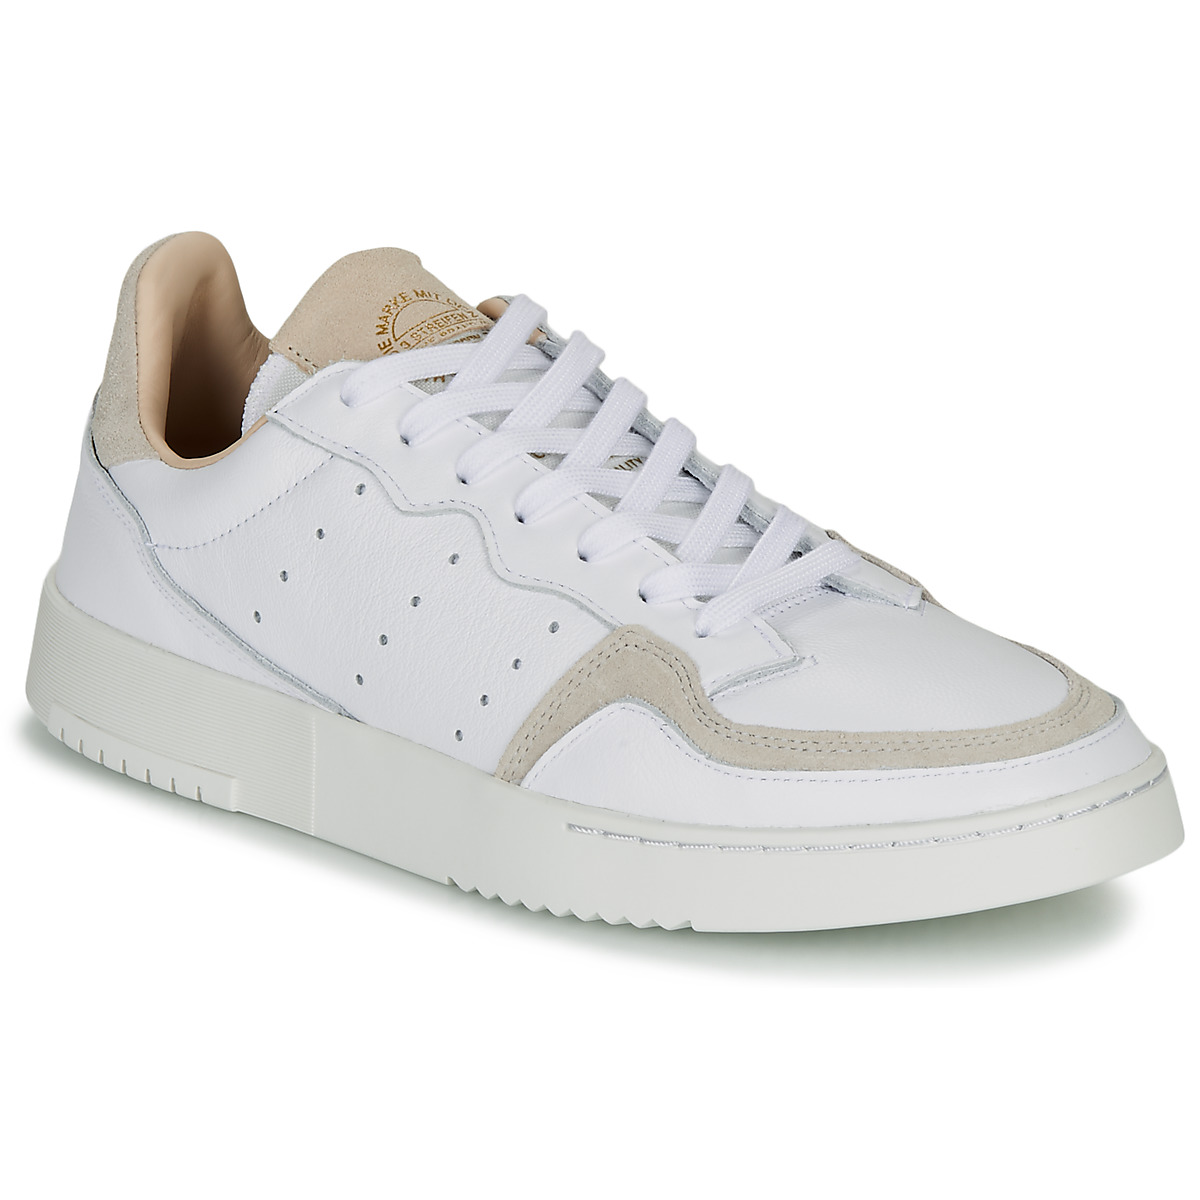 scarpe donna adidas poco prezzo